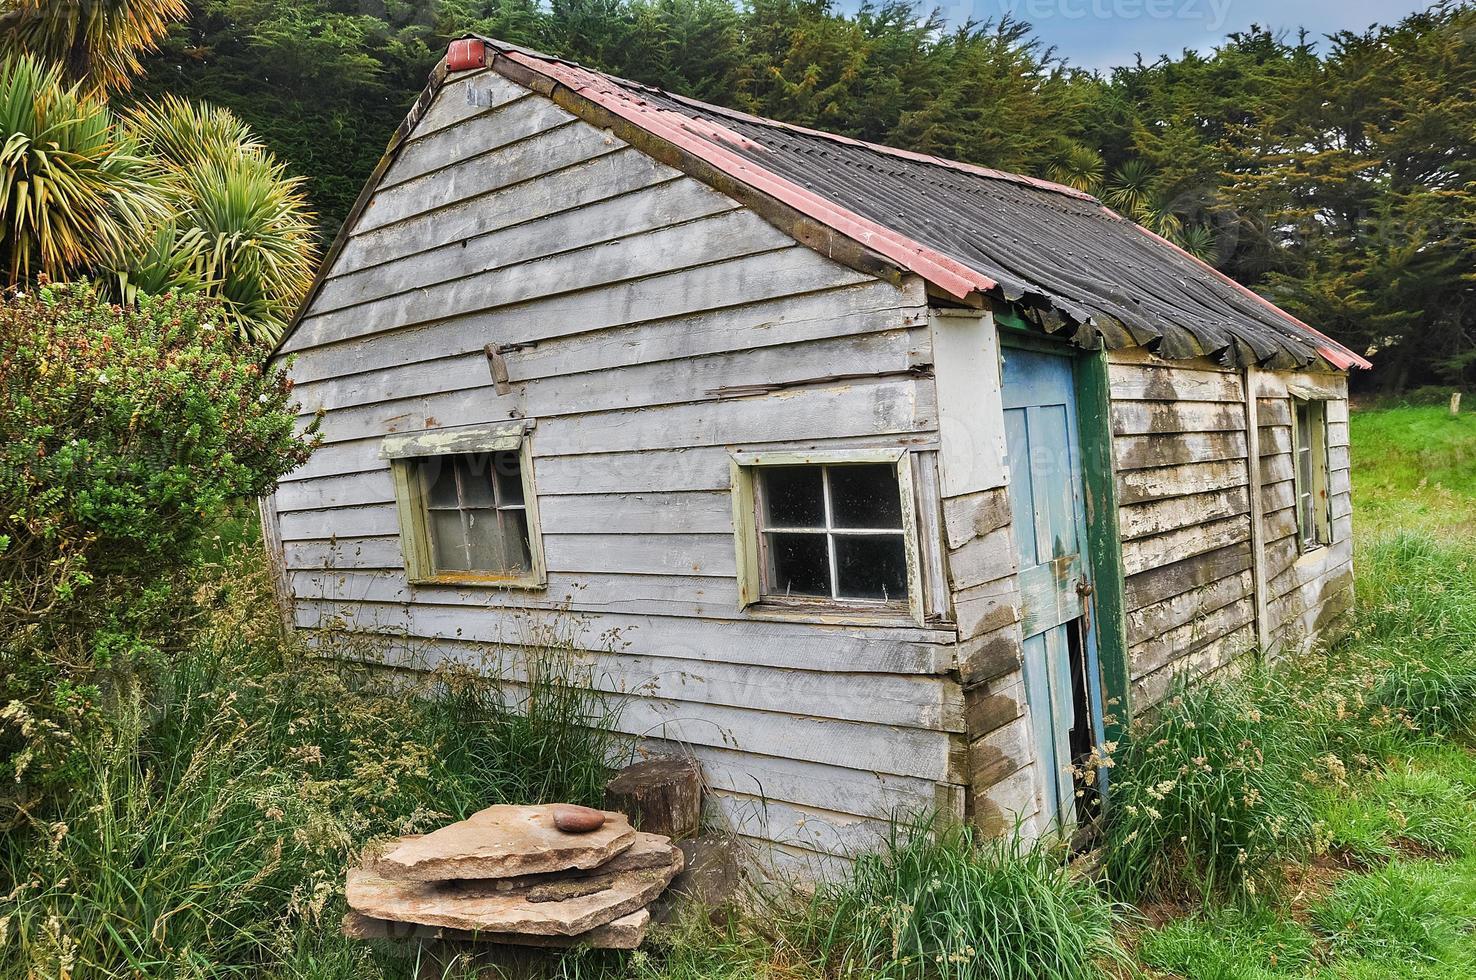 oude verweerde houten hut in bos foto